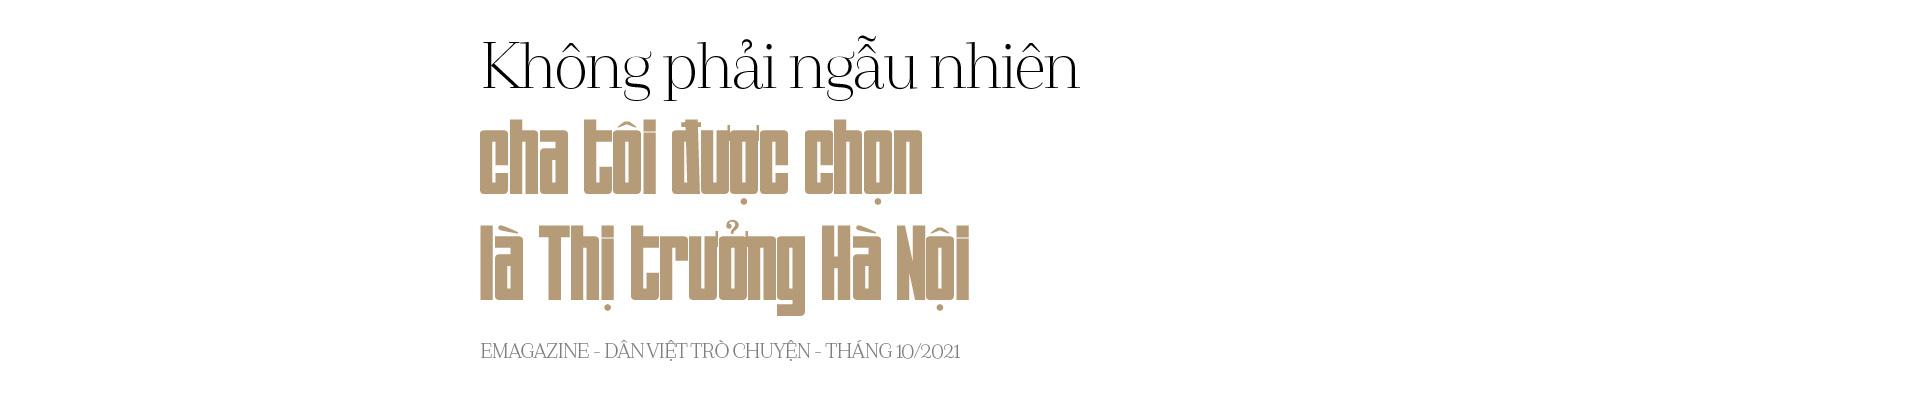 Bác sĩ Trần Duy Hưng – thị trưởng Hà Nội đầu tiên và lâu năm nhất - Ảnh 3.